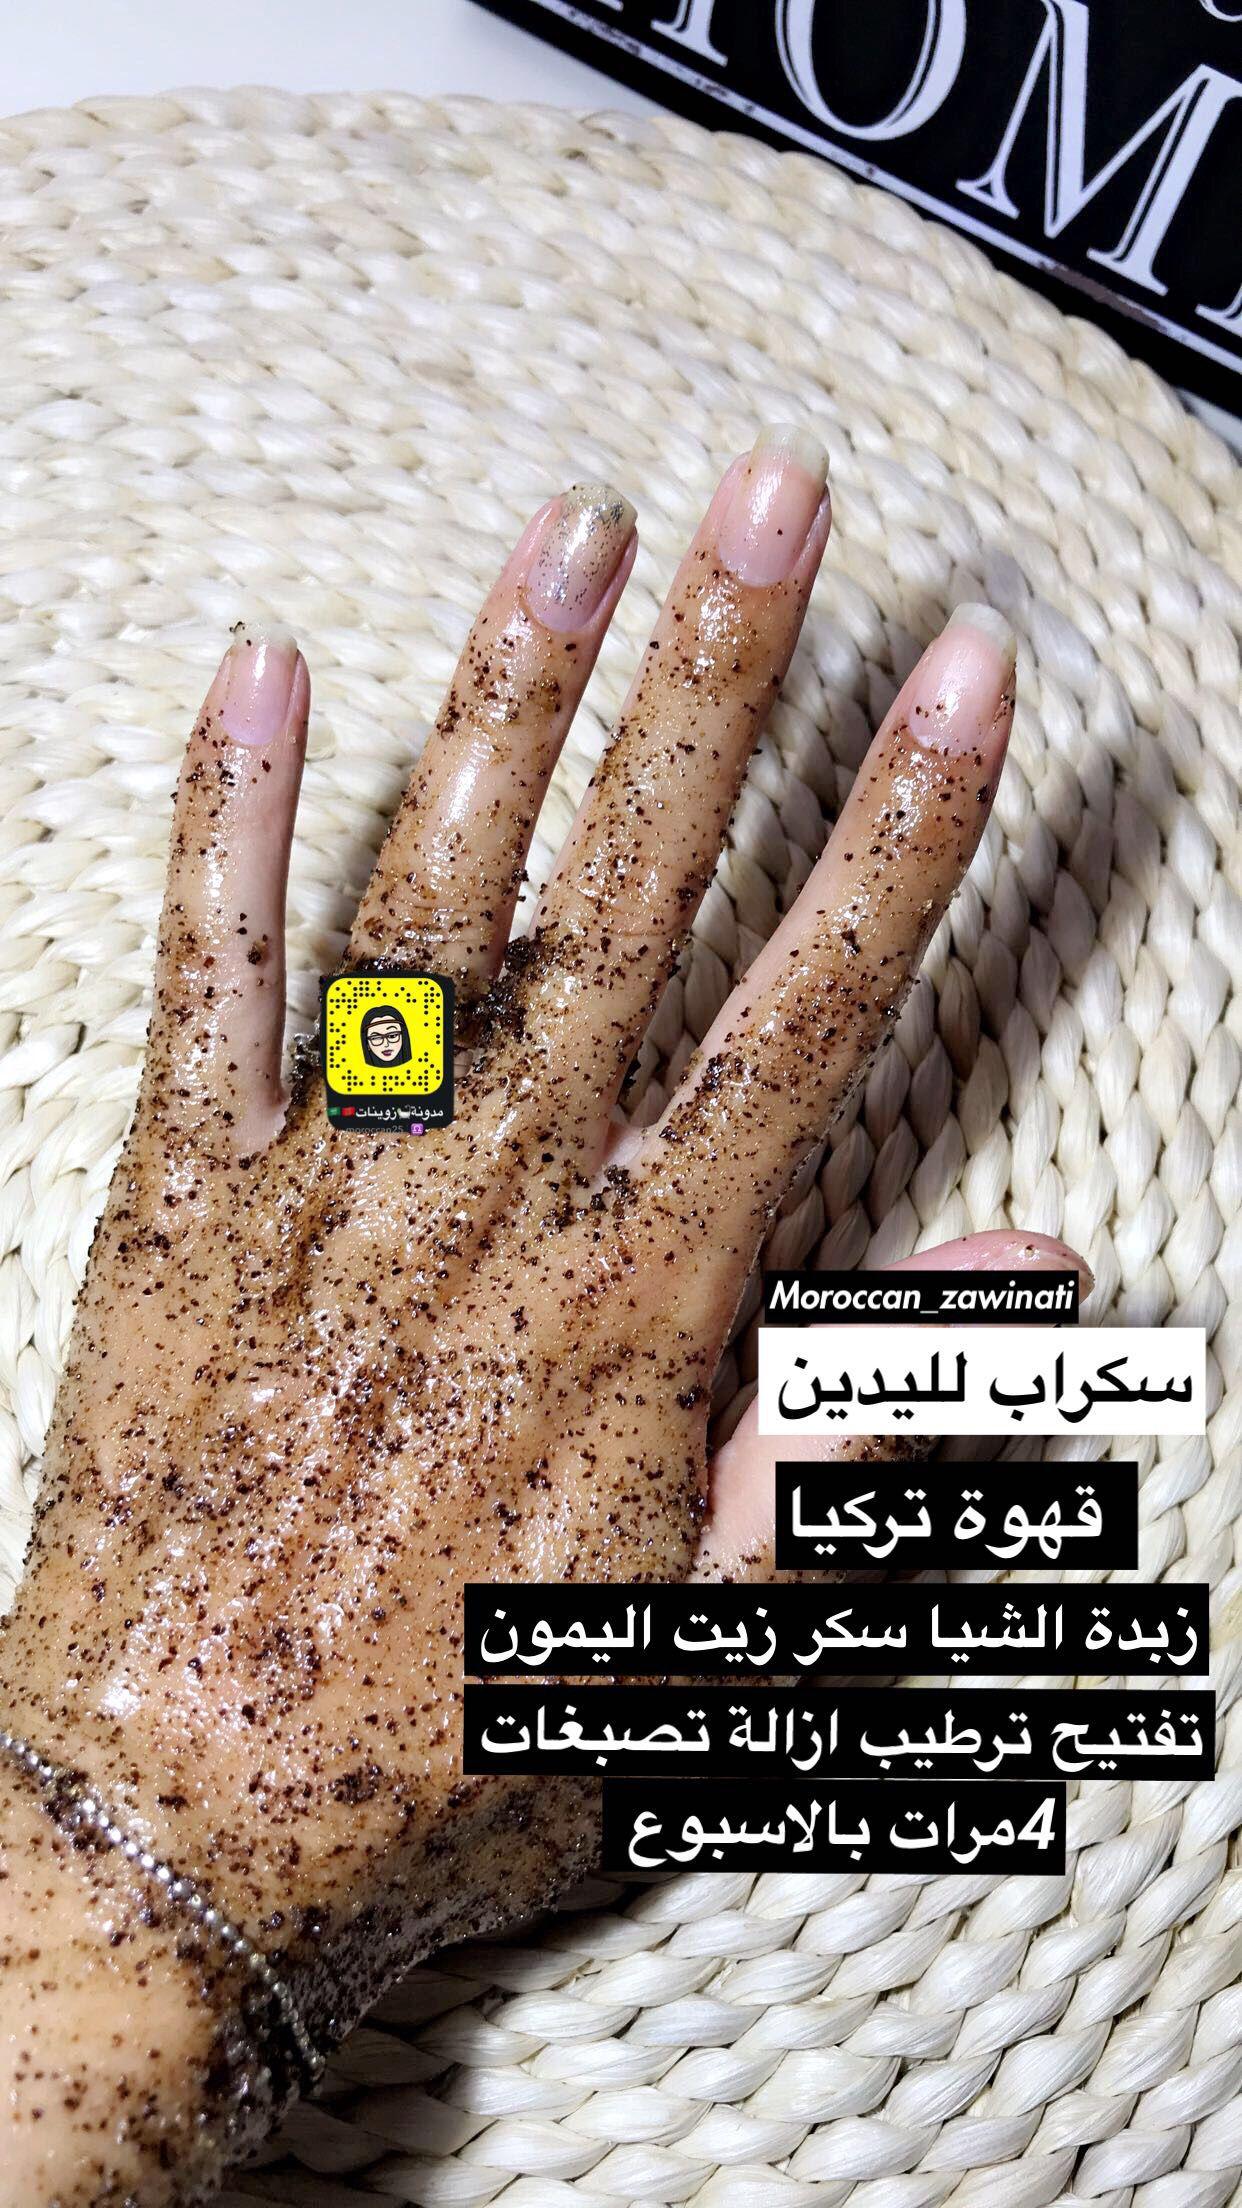 Snp Moroccan25 Inst Moroccan Zawinati Fac Moroccan Zawinati Youtube مدونة زوينات Natural Skin Care Diy Pretty Skin Care Skin Care Diy Masks